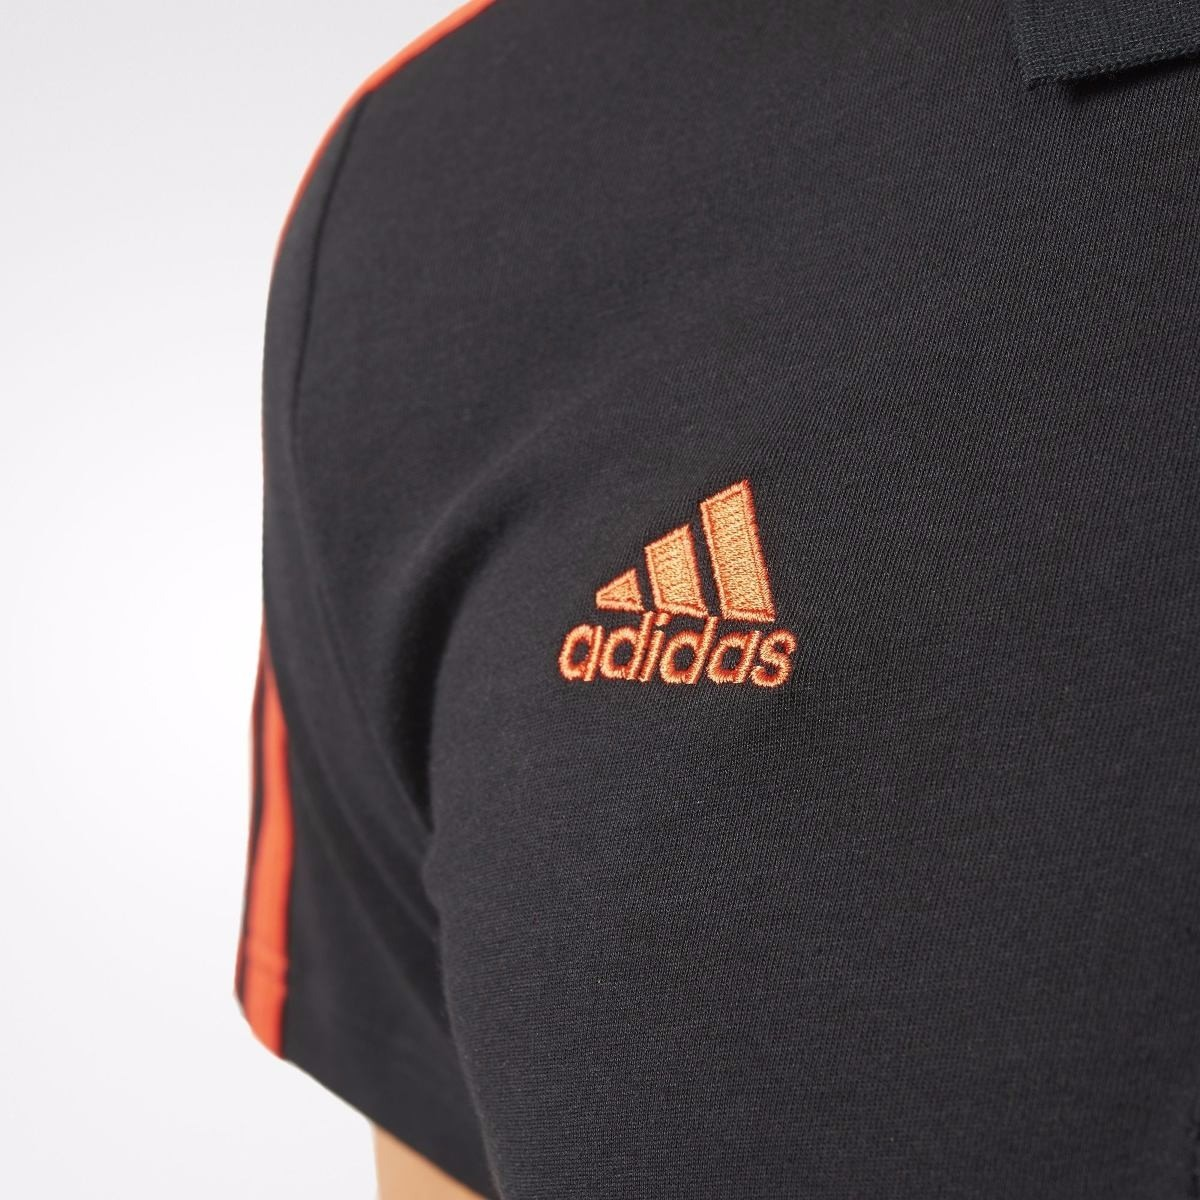 ffc6b50271 camisa flamengo adidas pólo premium original retro anos 80. Carregando zoom.